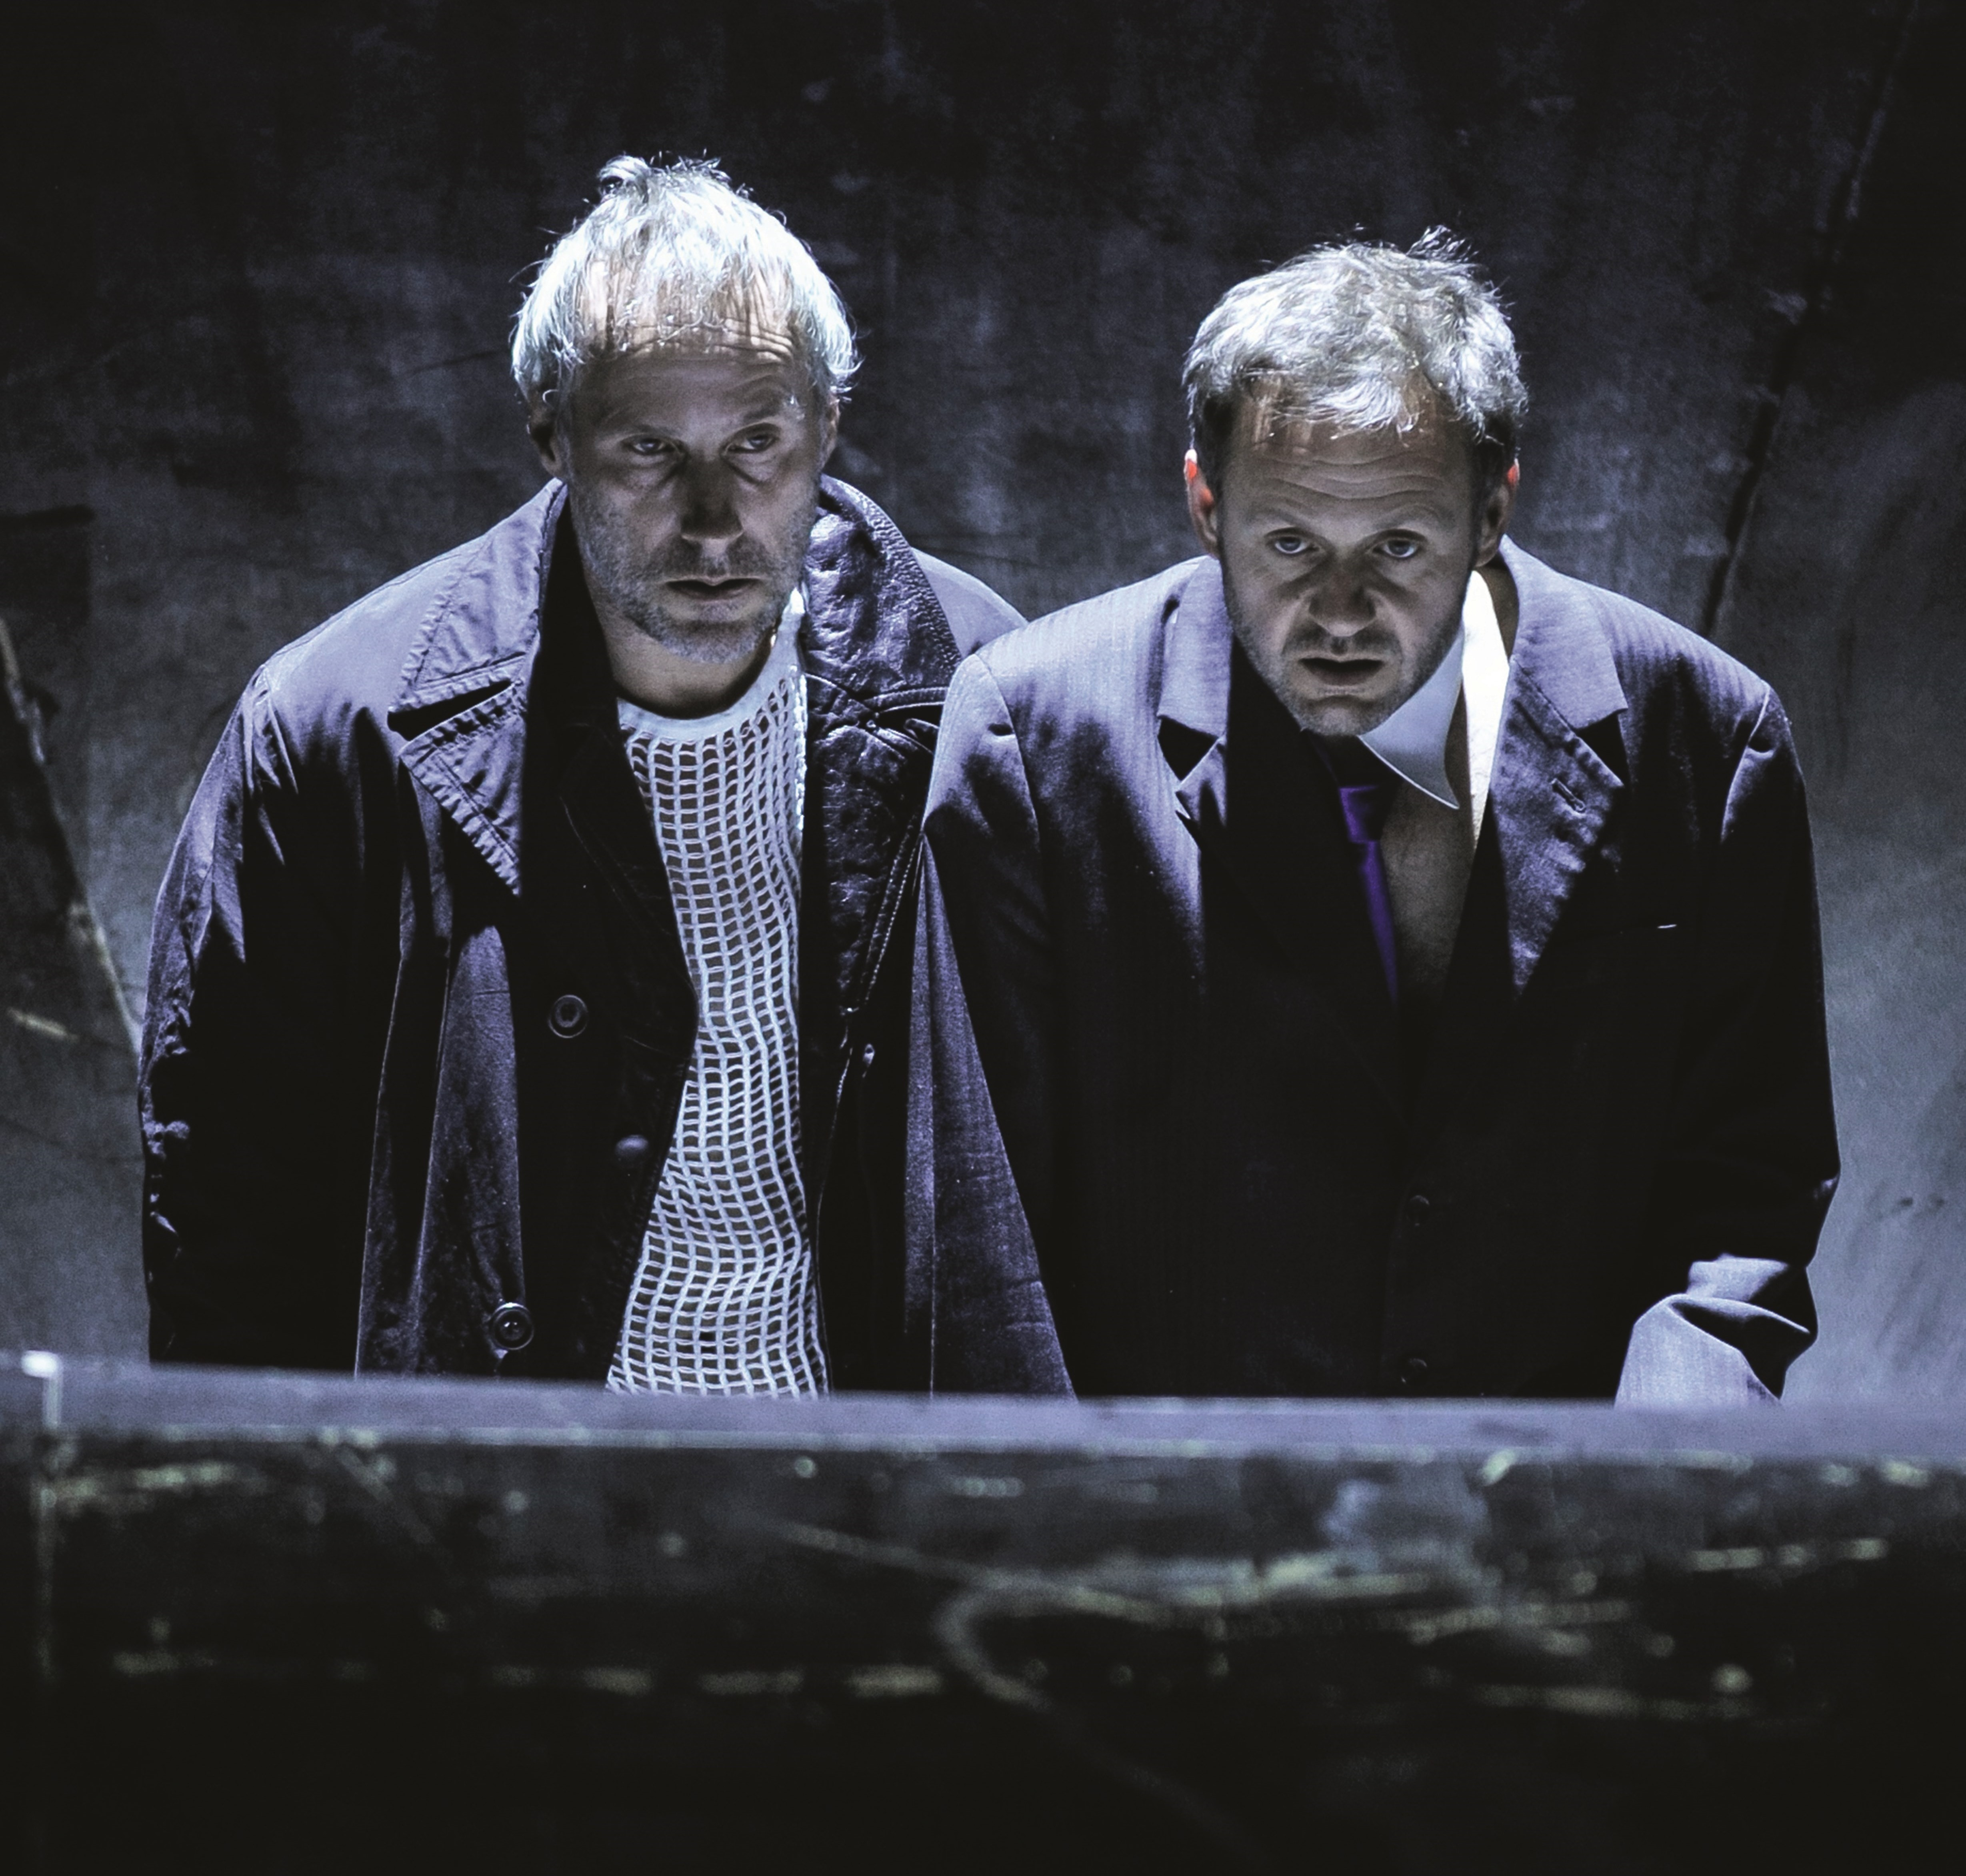 Warten auf Godot: Wolfram Koch (Estragon), Samuel Finzi (Wladimir) – Foto: Arno Declair